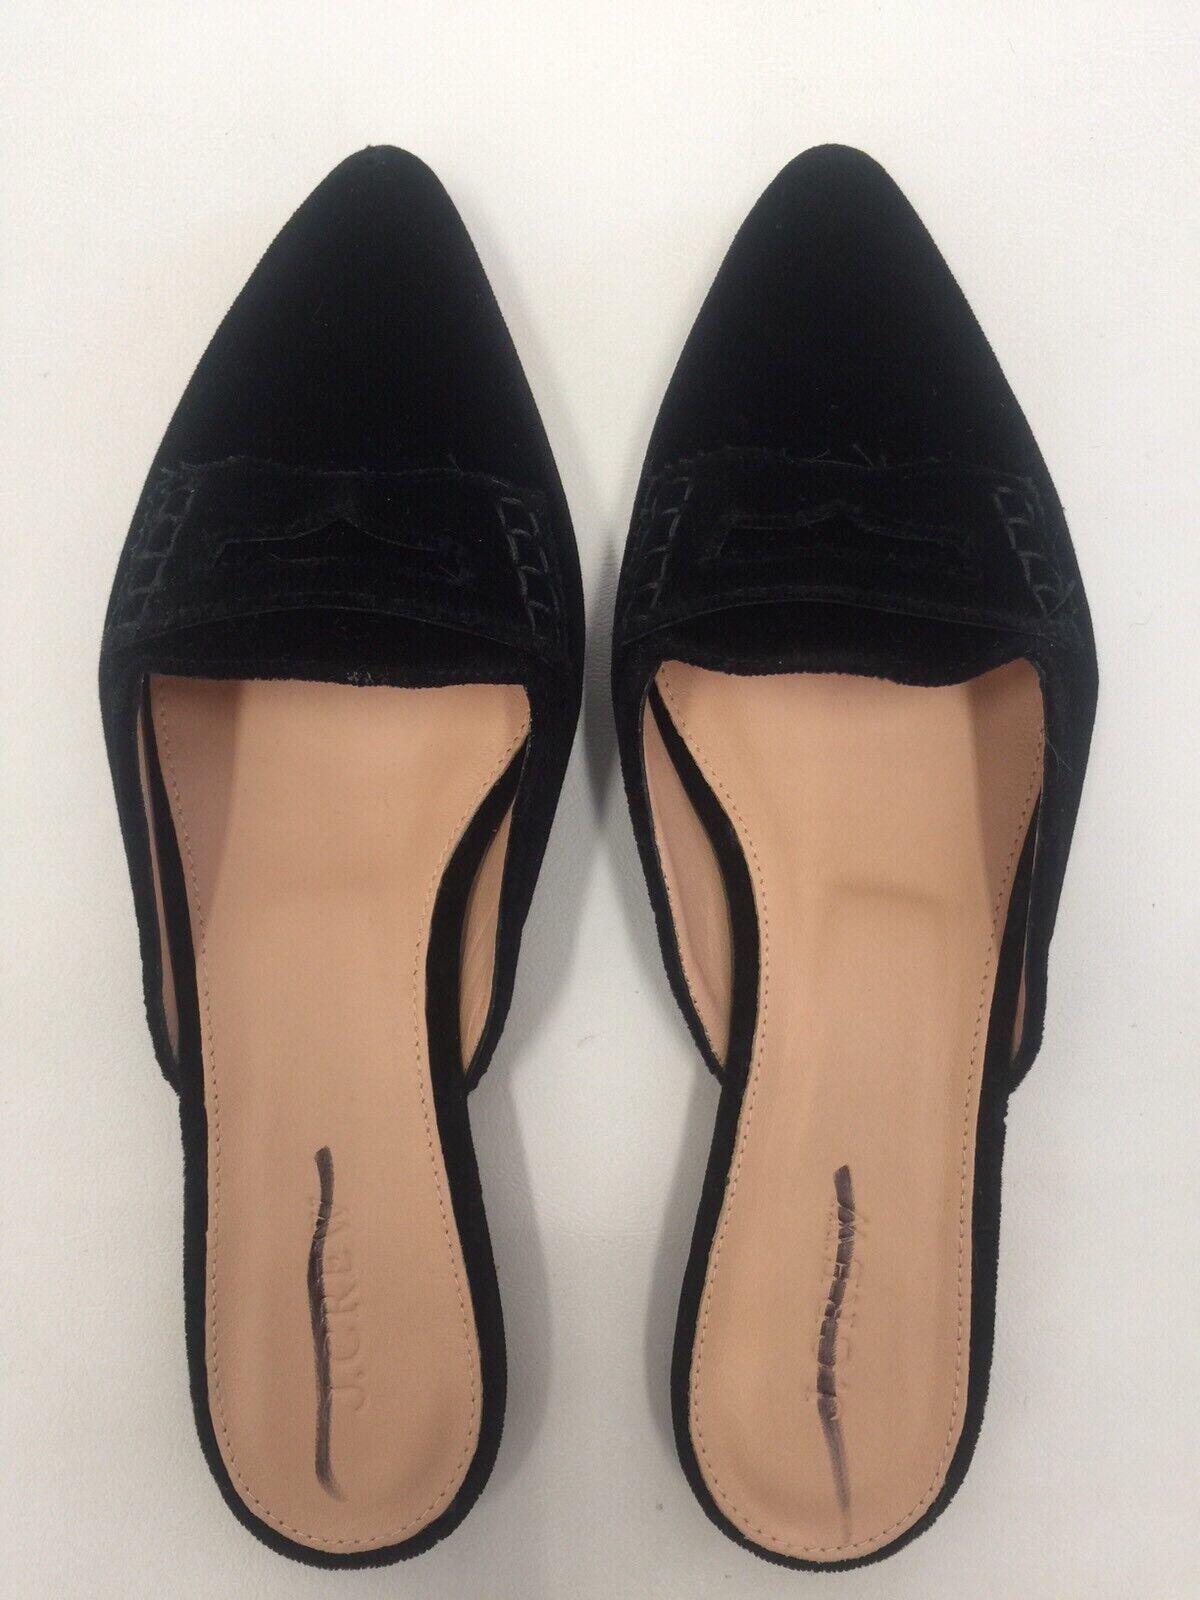 NEW  JCREW $148 Velvet loafer mules Size 7.5 In Black H1844